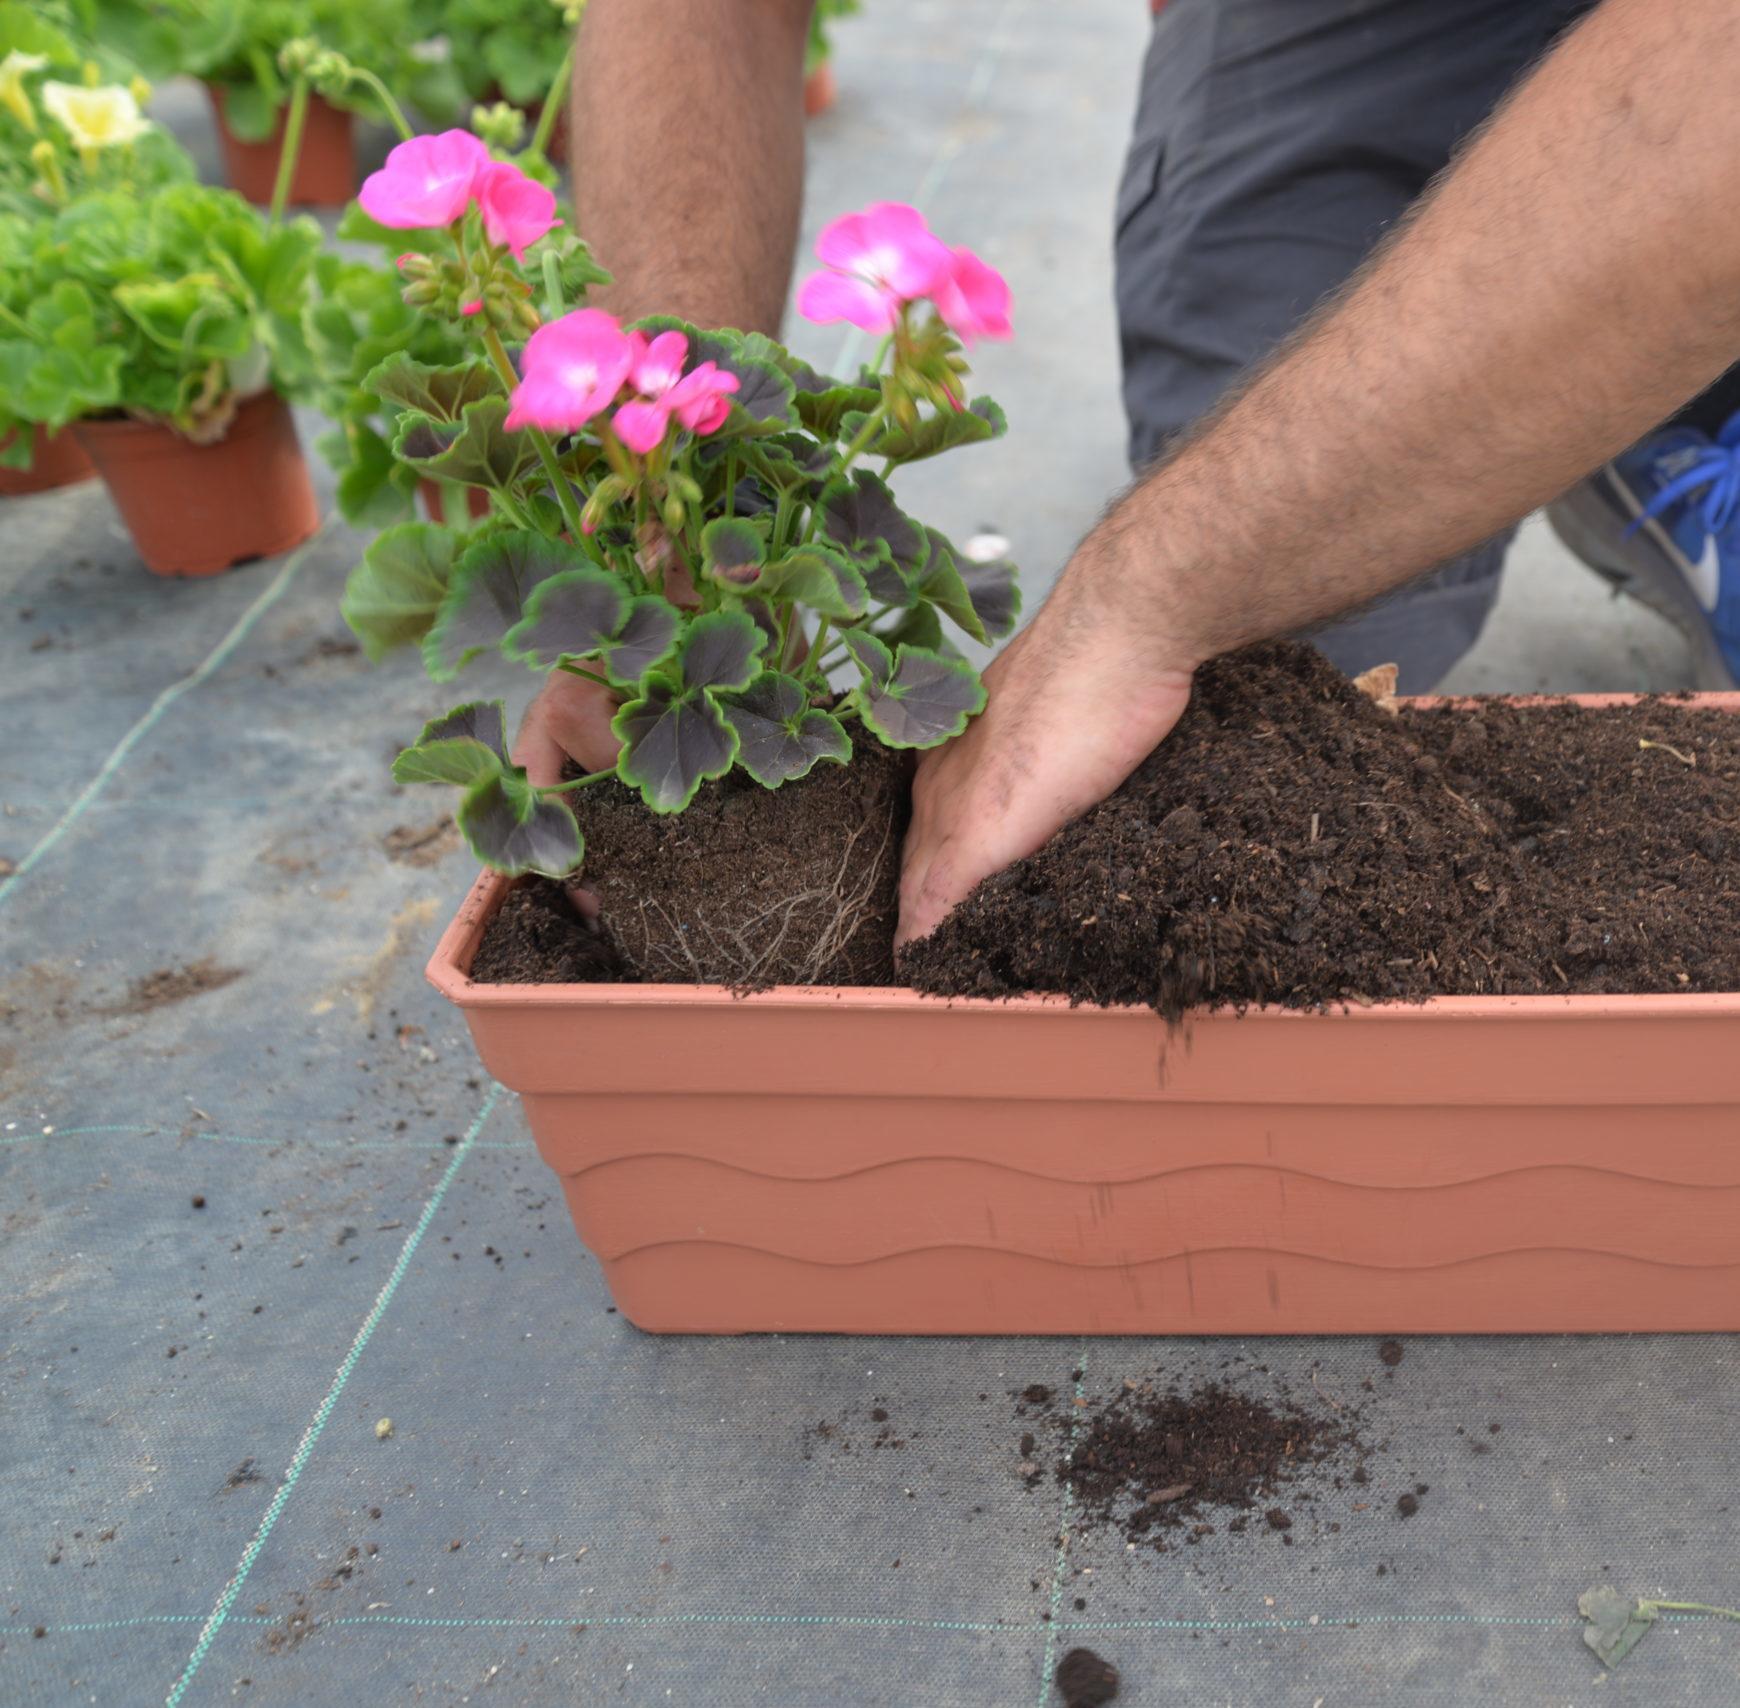 plantation, rempotage, géraniums et fleurs annuelles en jardinière, bac ou pot extérieur. Bouchet Frères, horticulteur, producteur local, Cruseilles, Haute Savoie